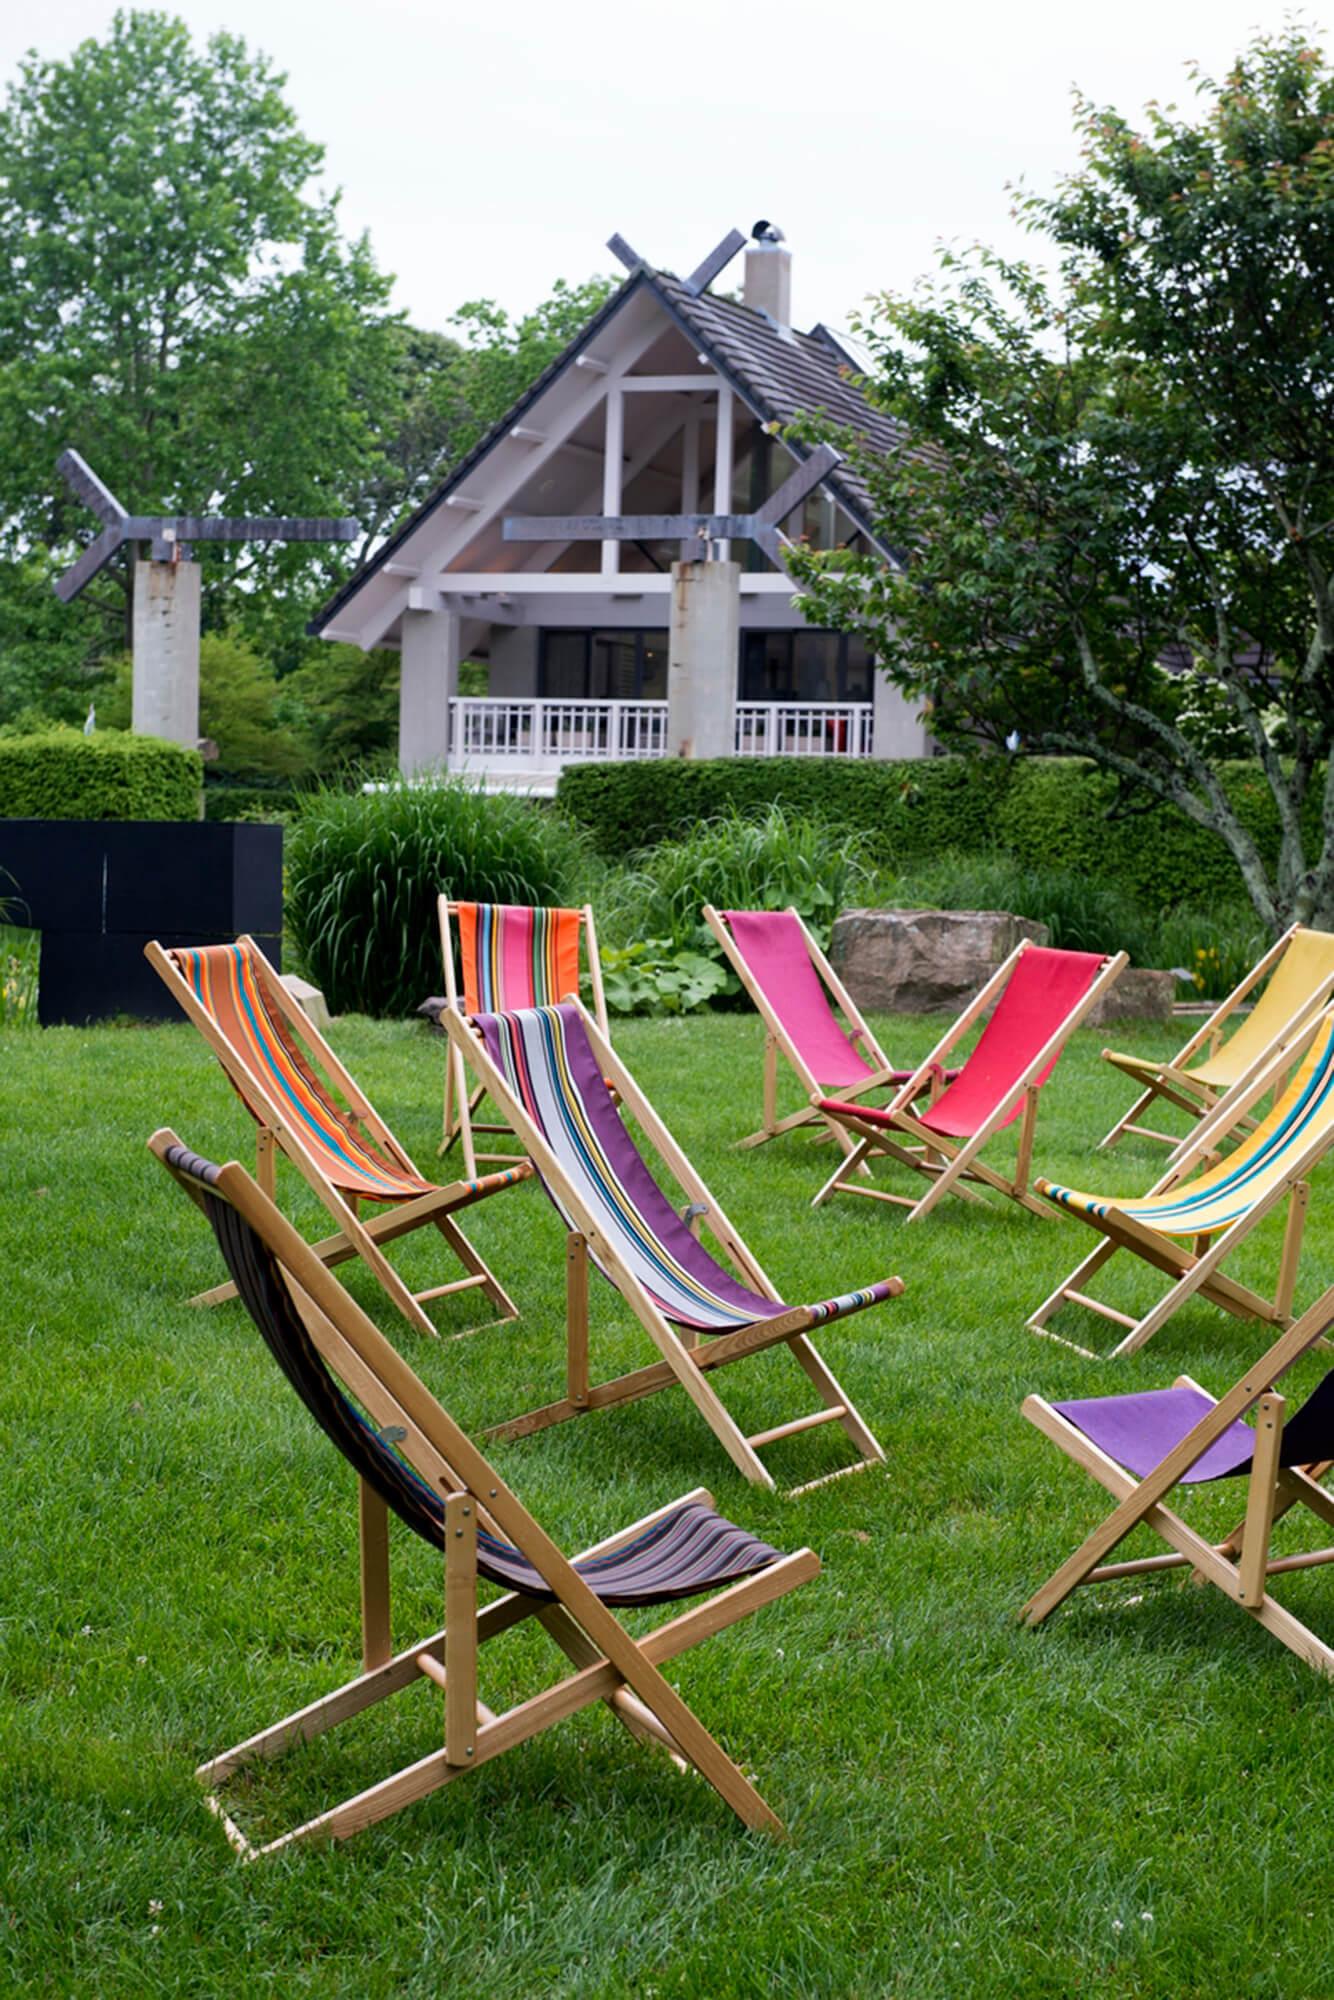 เก้าอี้คาบานาสีสันสว่างวางอยู่บนสนามหญ้า